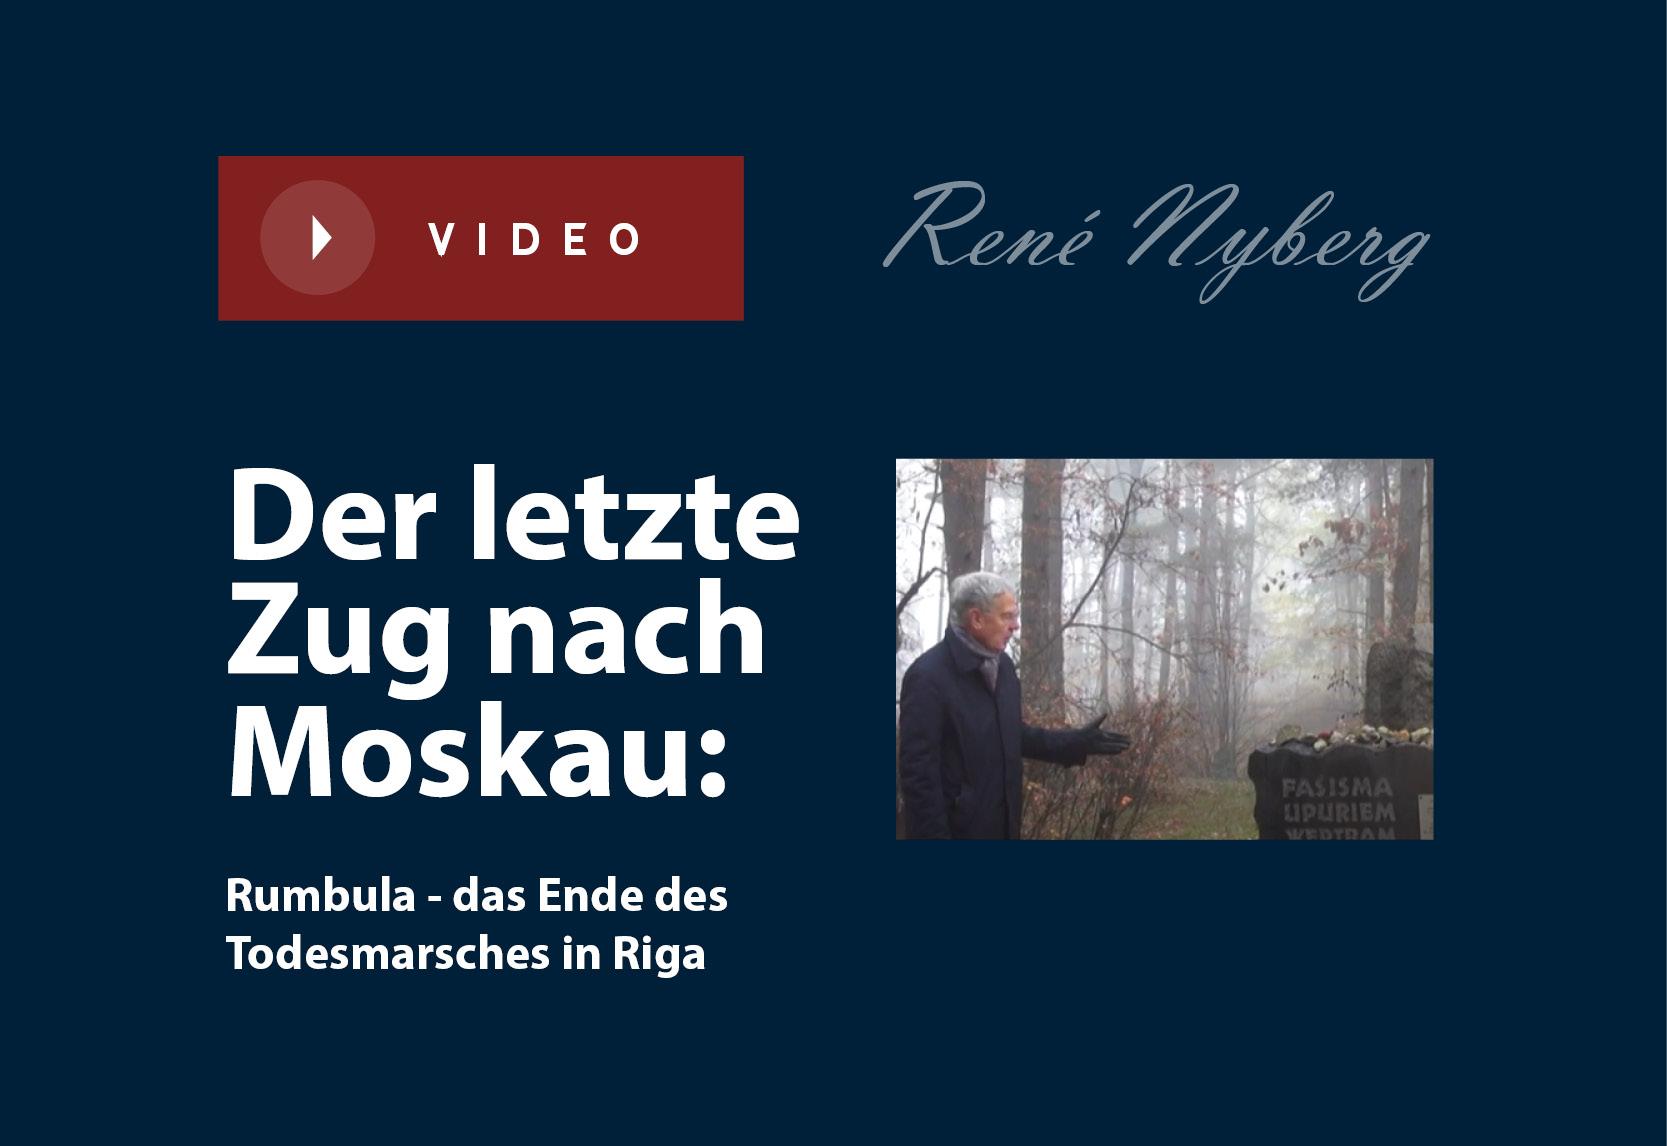 Der letzte Zug nach Moskau: Rumbula – das Ende des Todesmarsches in Riga